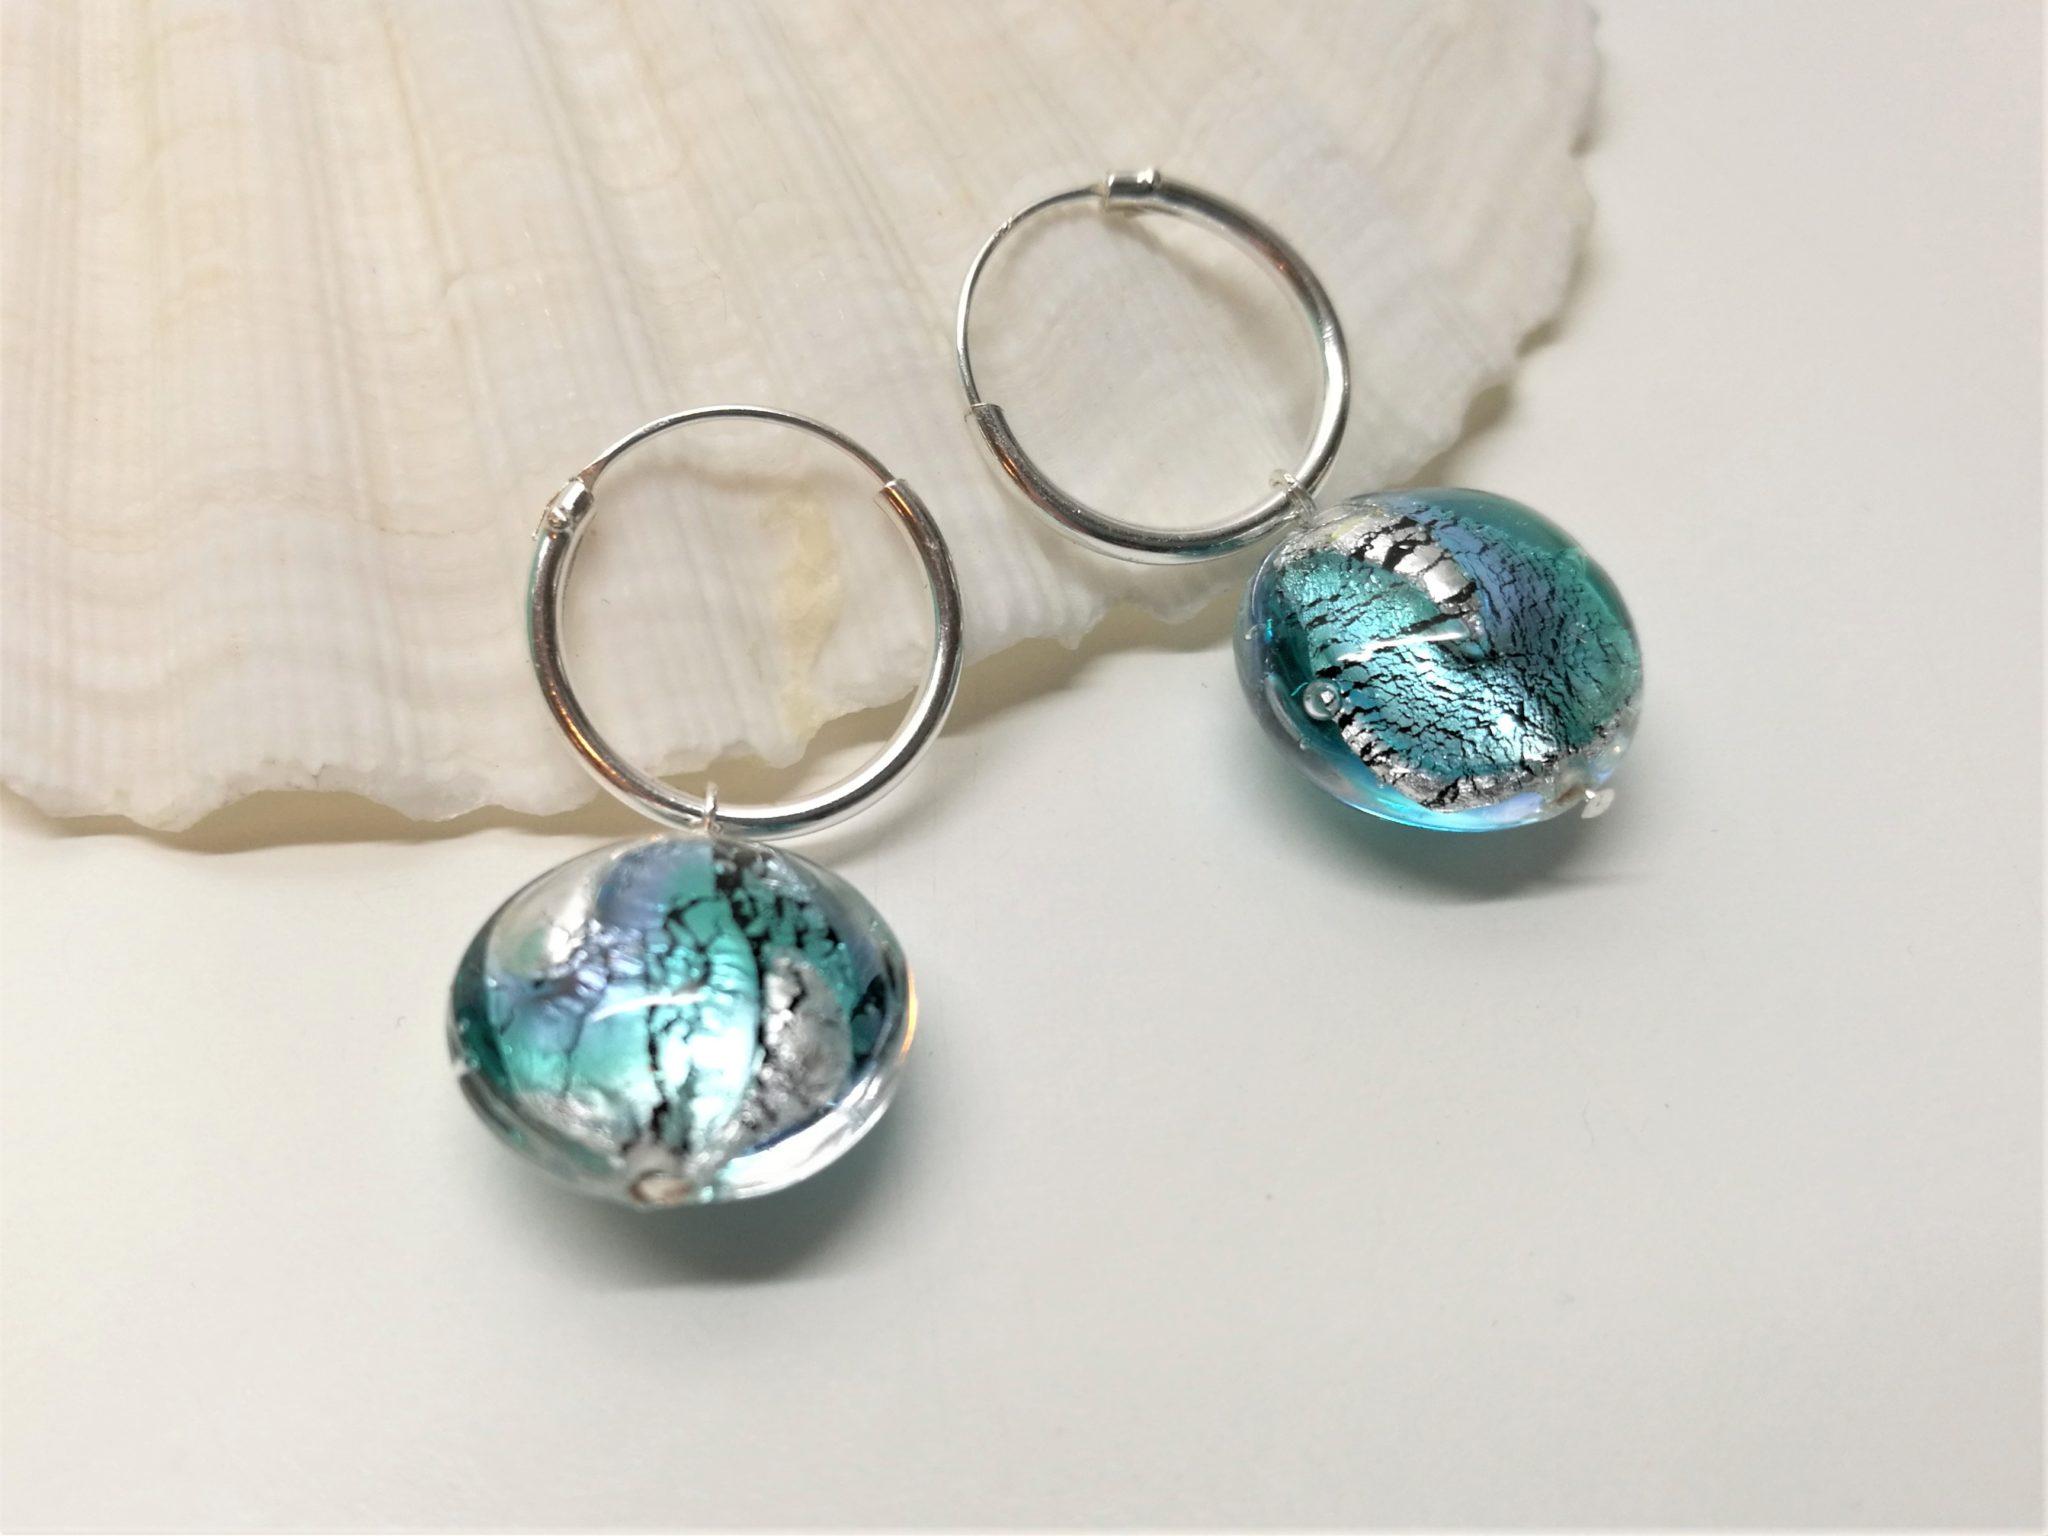 silver örhängen med muranoglas pärlor